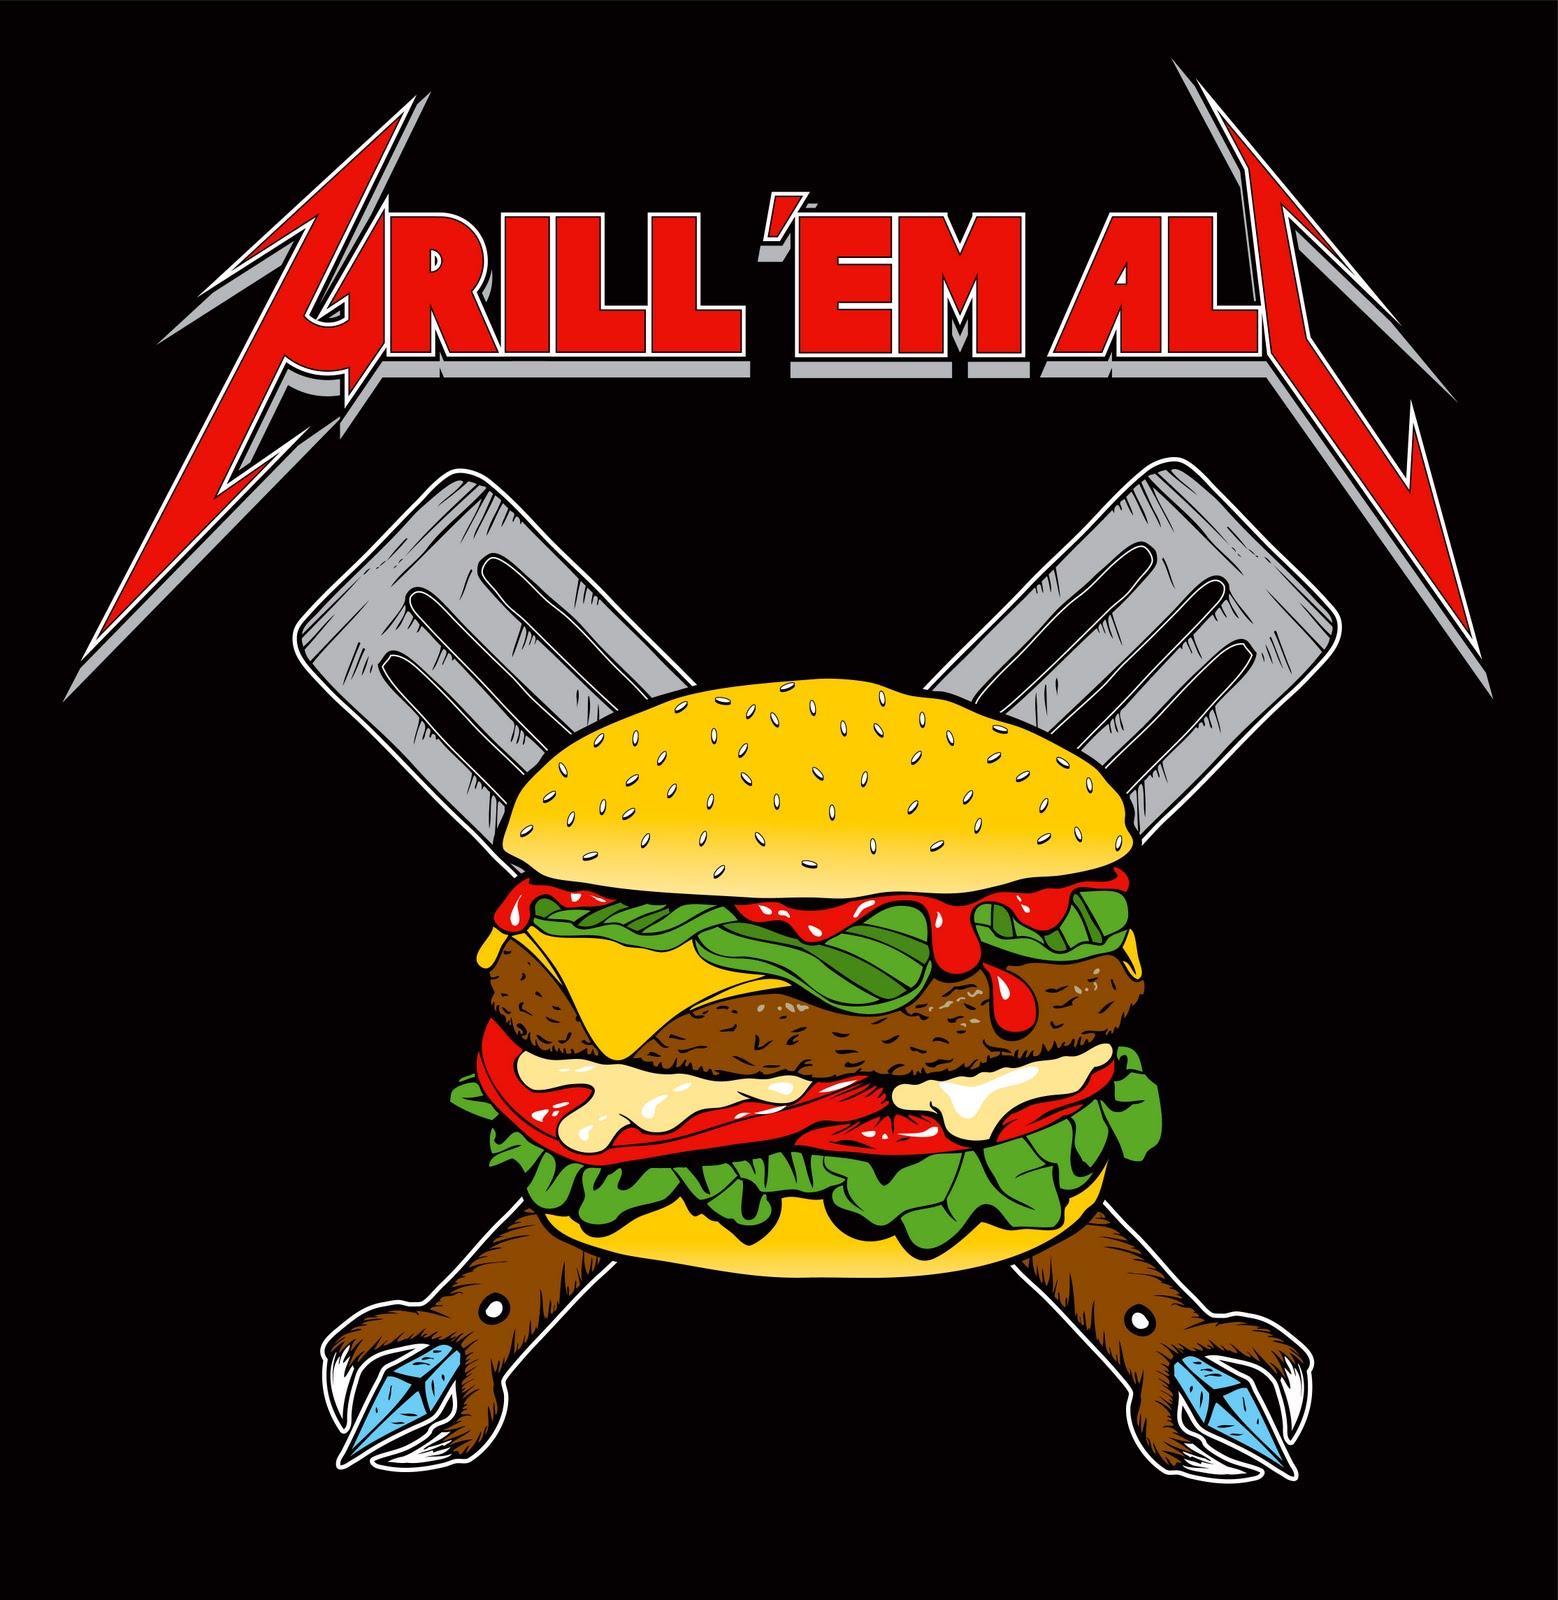 Grill 'Em All